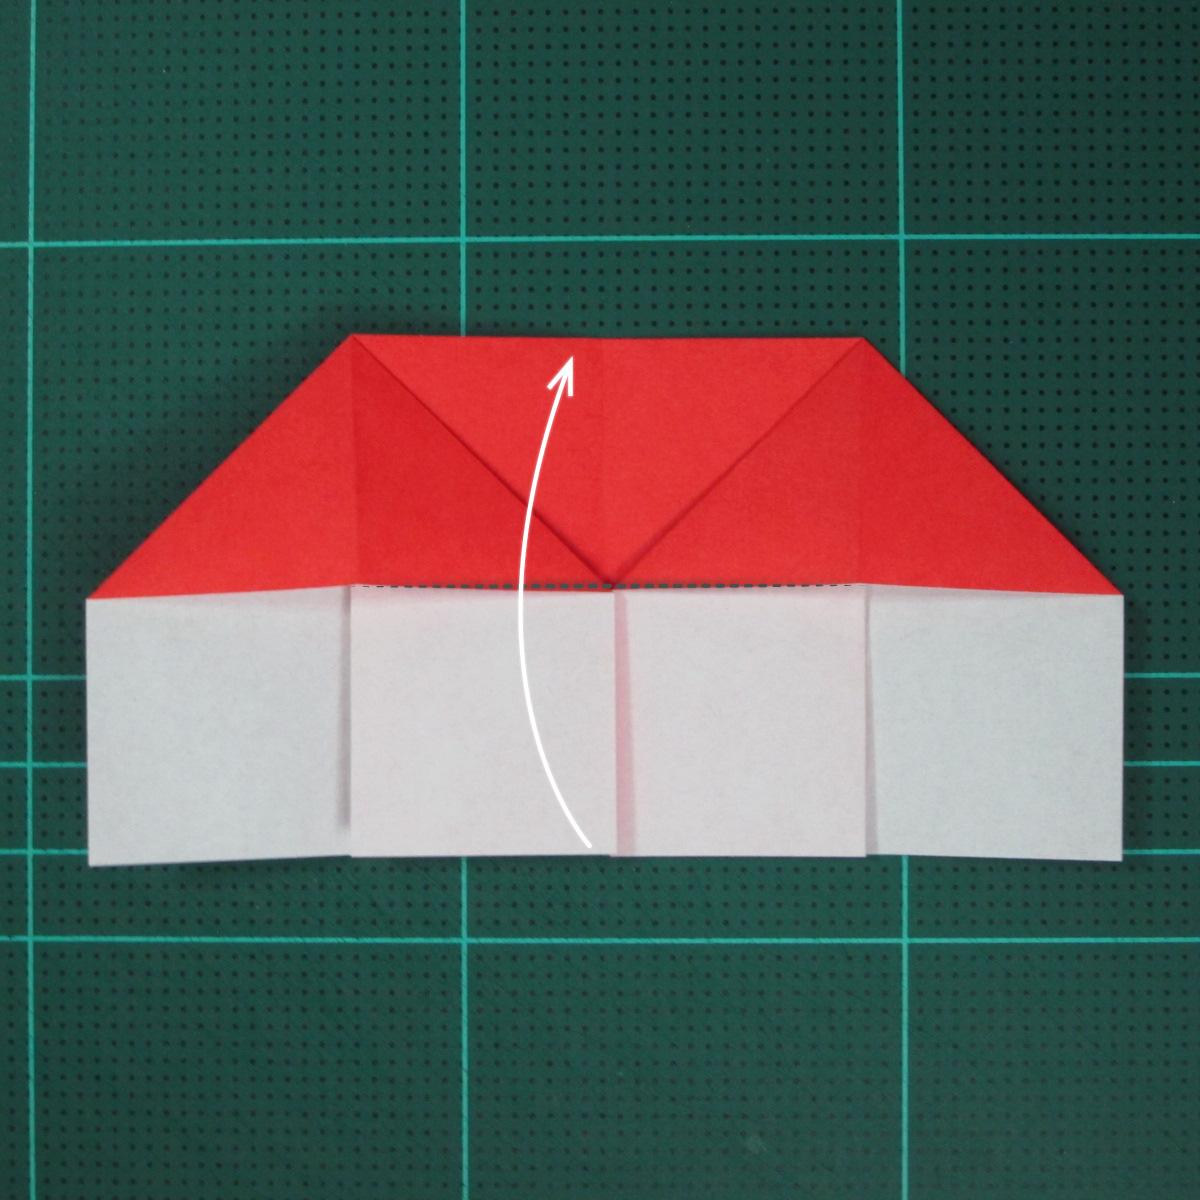 วิธีการพับกระดาษเป็นรูปเปียโน (Origami Piano) 008